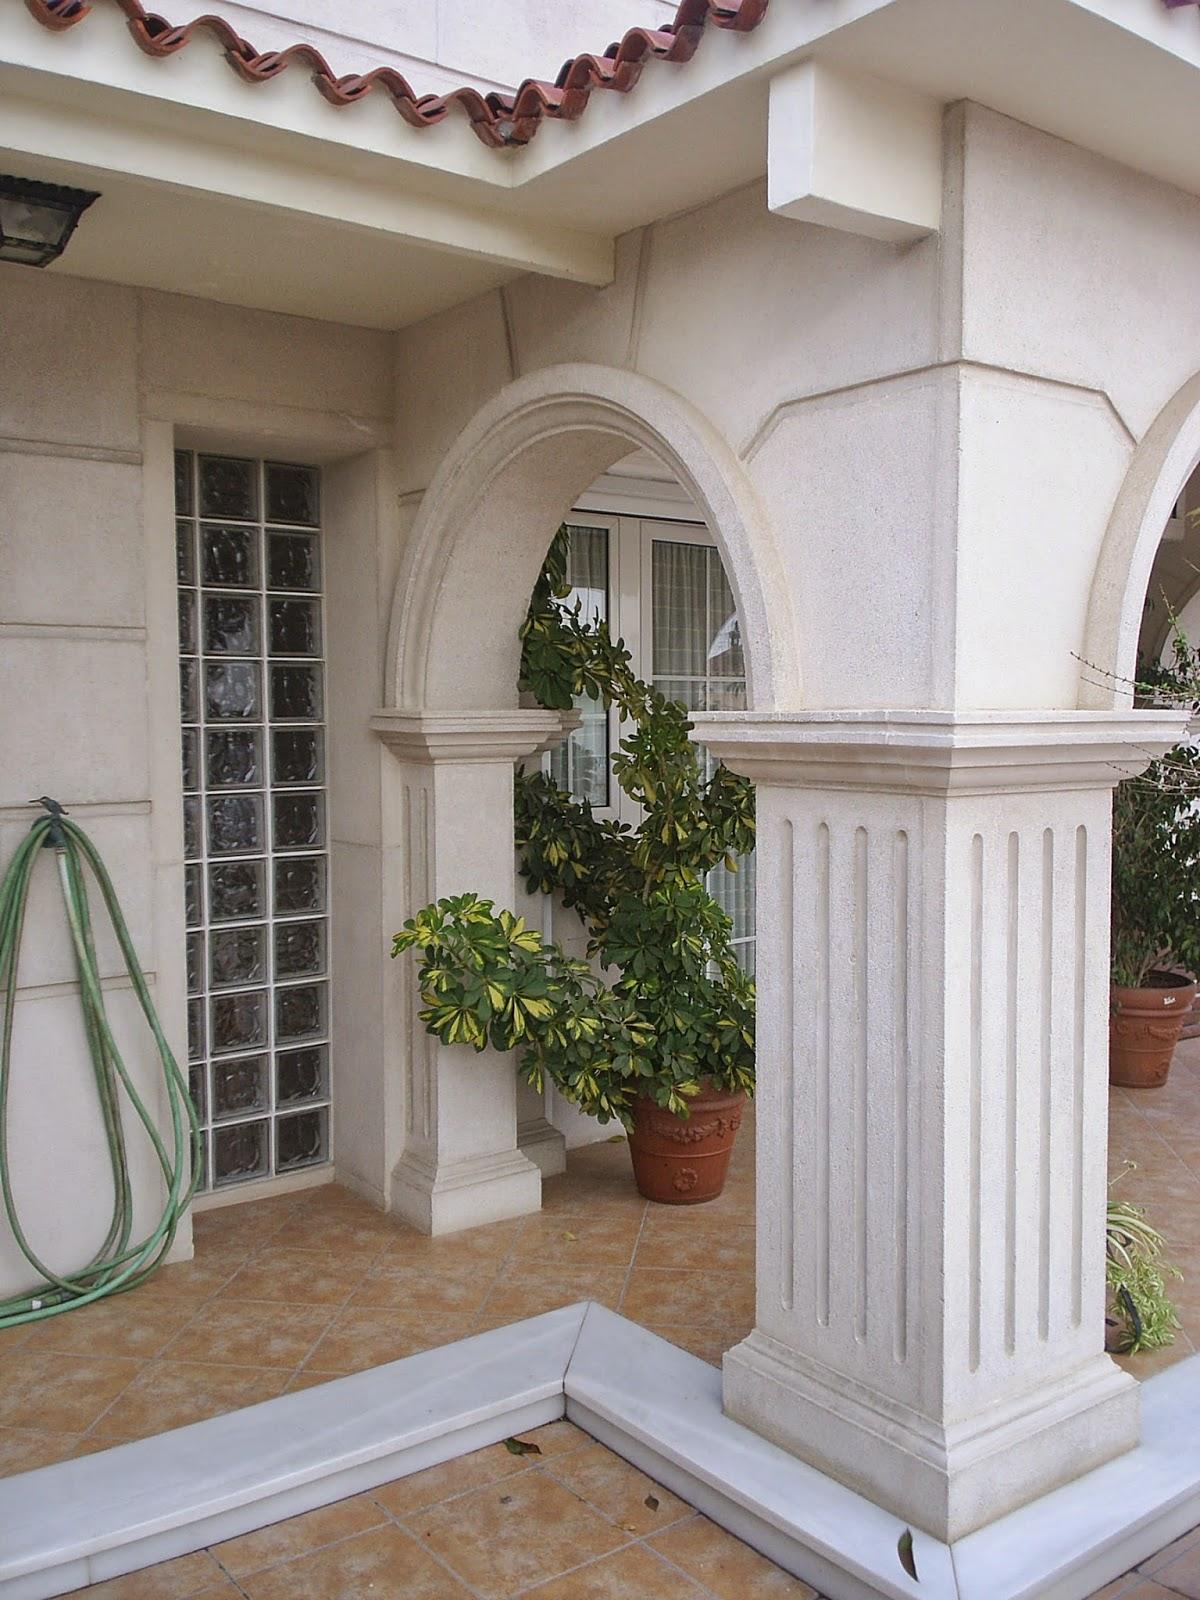 Piedra artificial valencia fran detalles y complementos for Zocalos para patios modernos